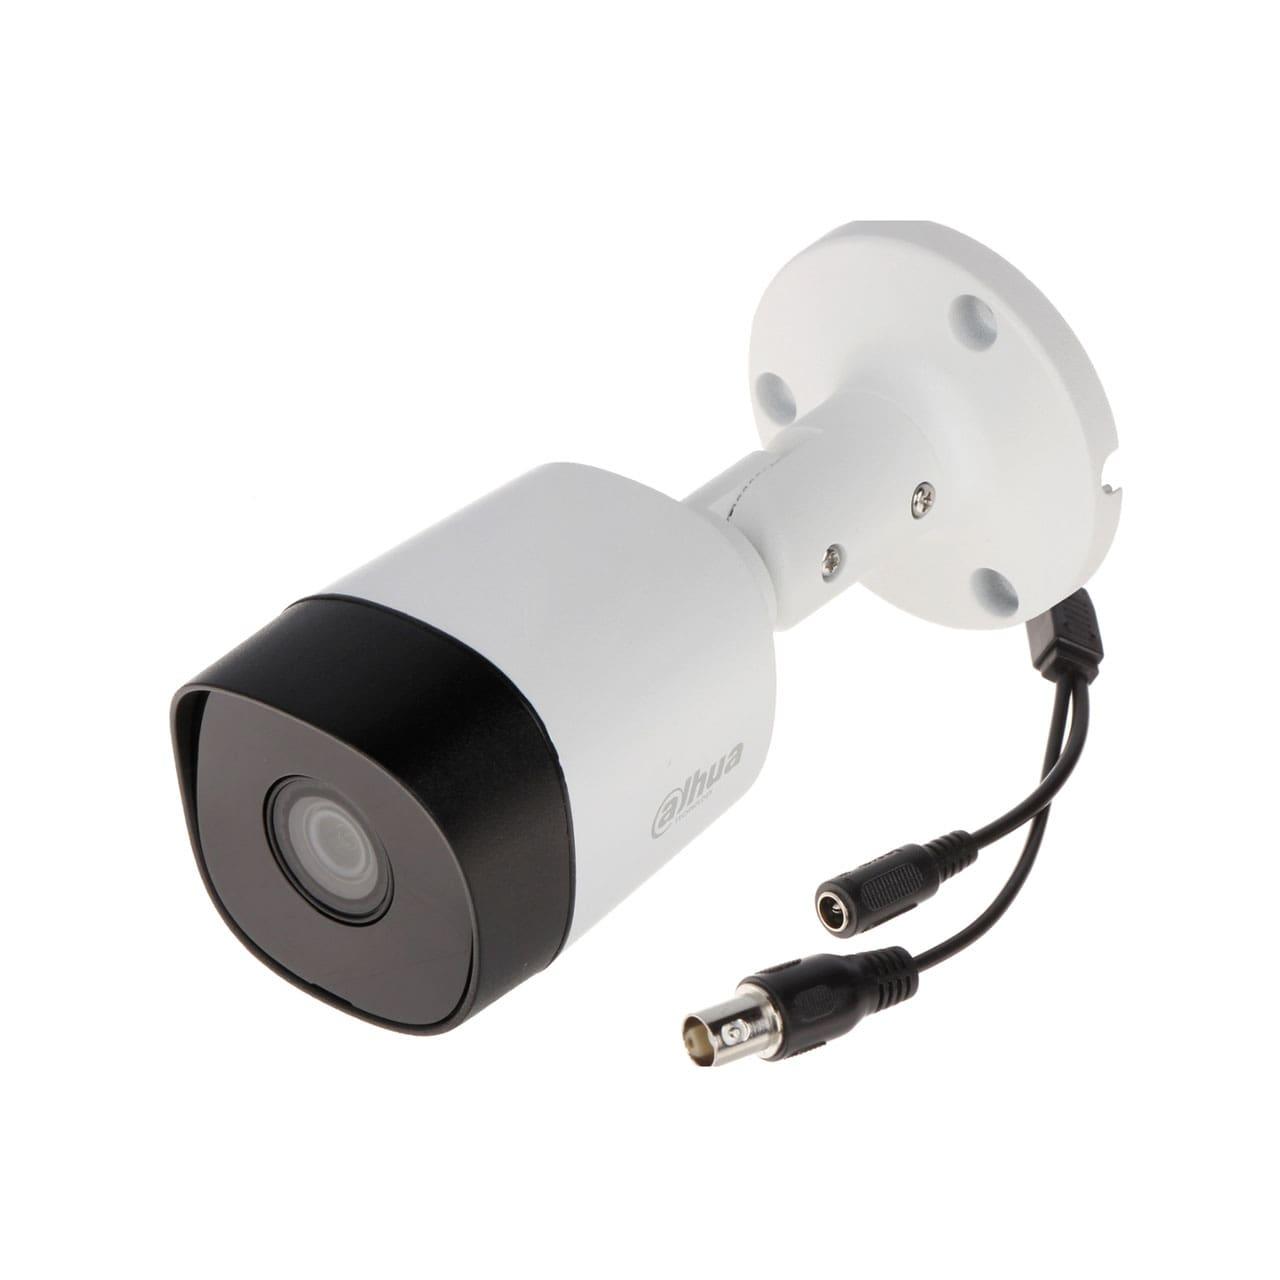 دوربین مداربسته آنالوگ داهوا مدلDH-HAC-B2A21P-0360B